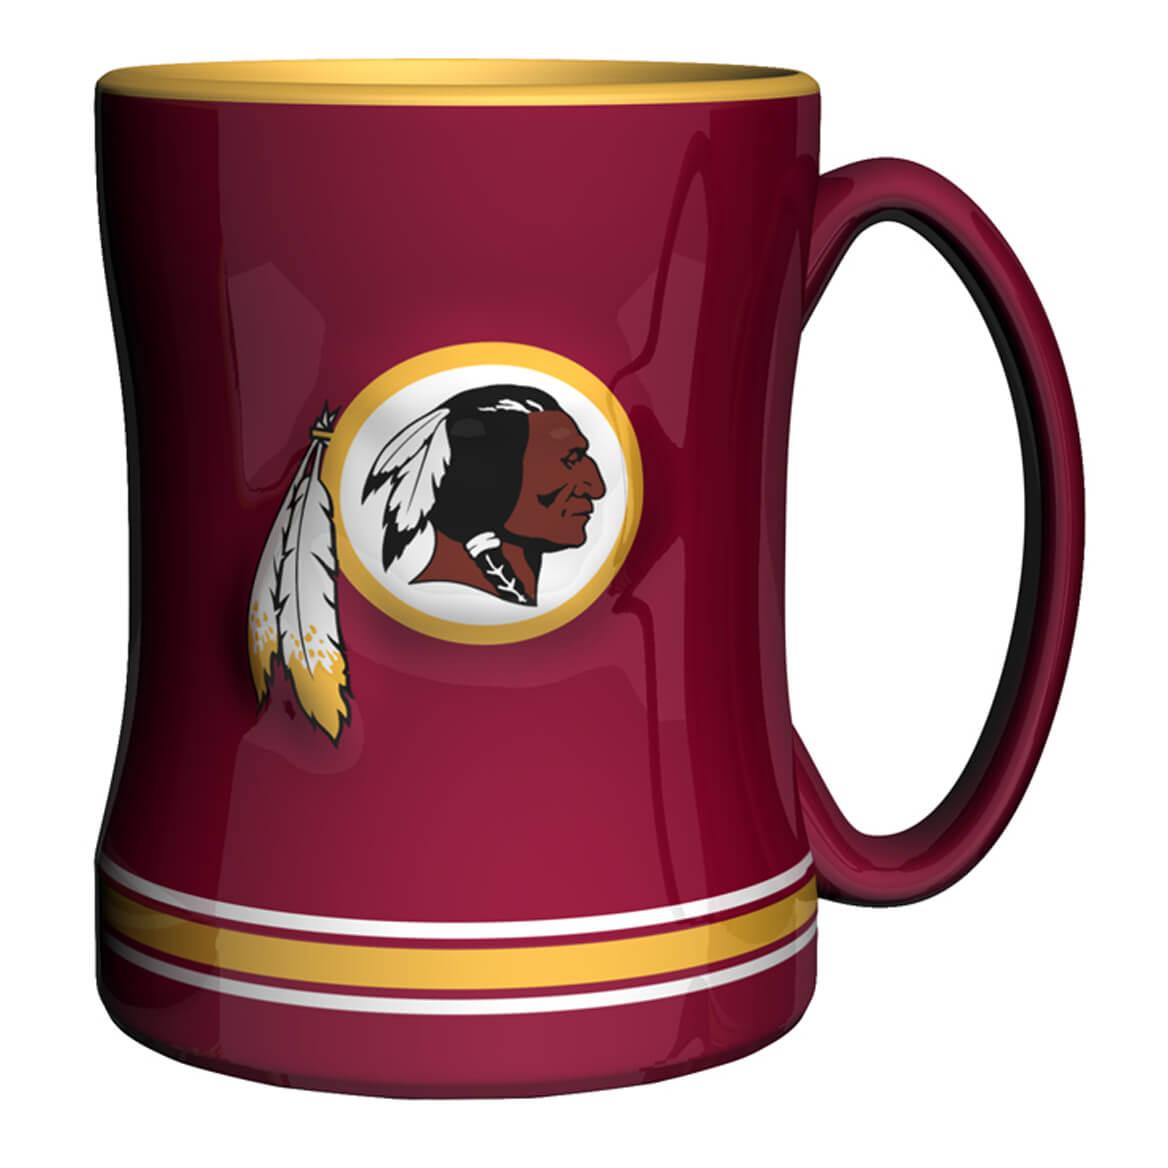 NFL Coffee Mugs  NFL Mugs  NFL Coffee Cups  NFL Cups  Miles Kimball